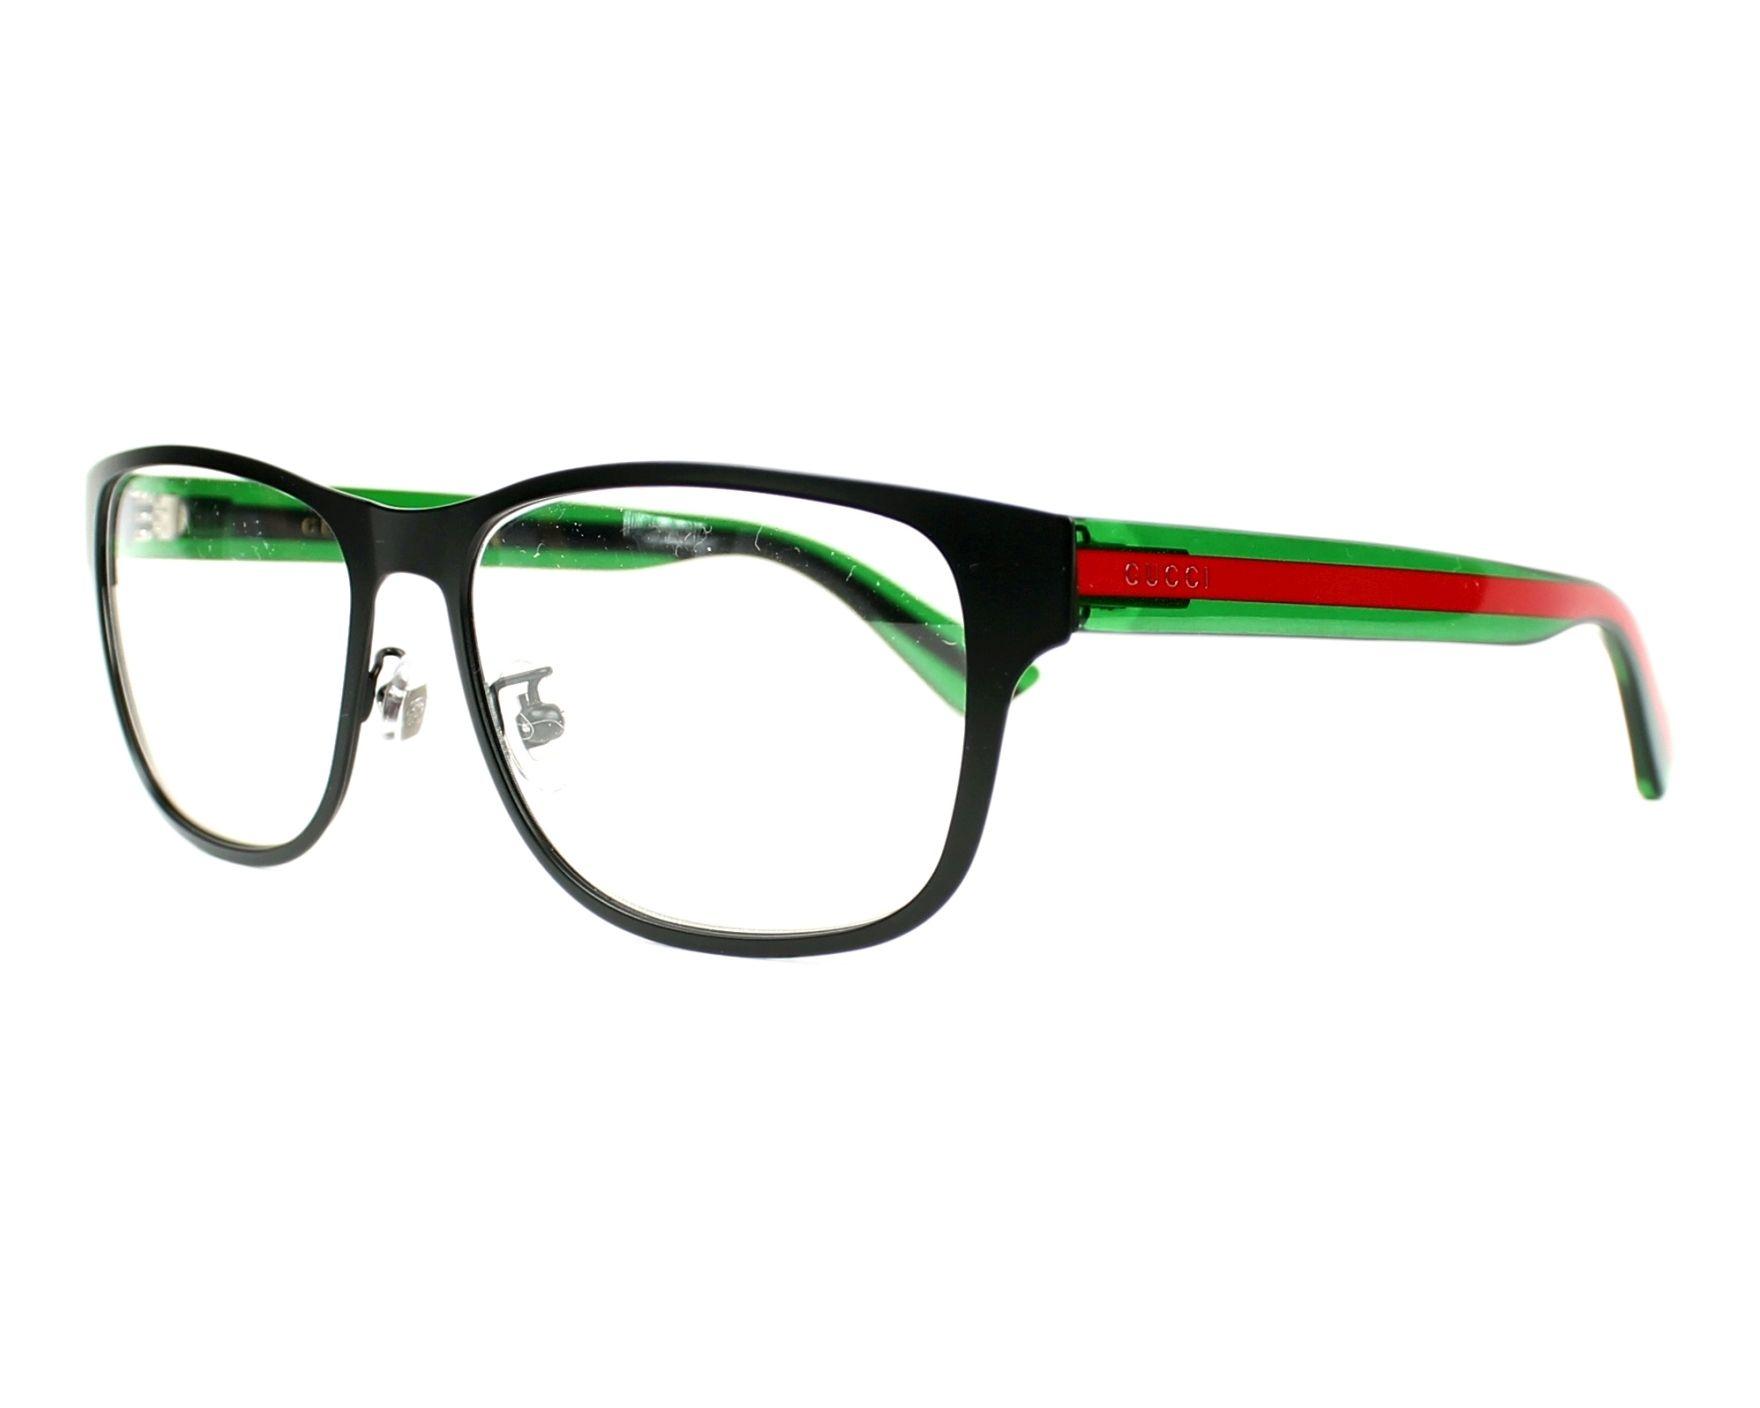 Kaufen Sie Ihre Gucci Brille GG-0007-O 002 Online - Visionet